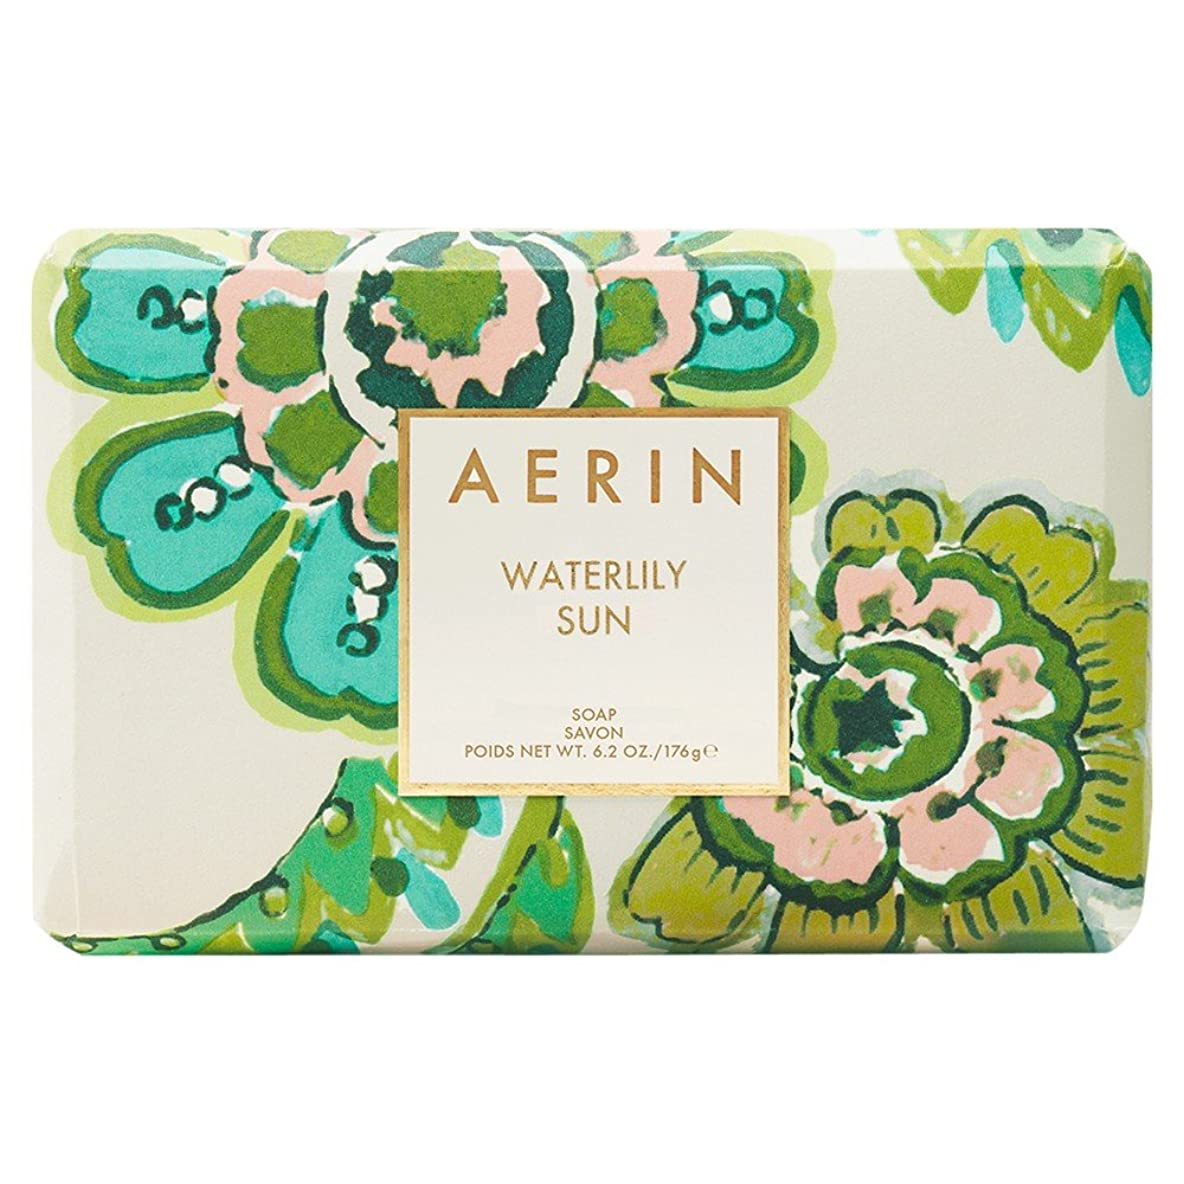 発揮するフレアヶ月目Aerinスイレン日石鹸176グラム (AERIN) (x2) - AERIN Waterlily Sun Soap 176g (Pack of 2) [並行輸入品]